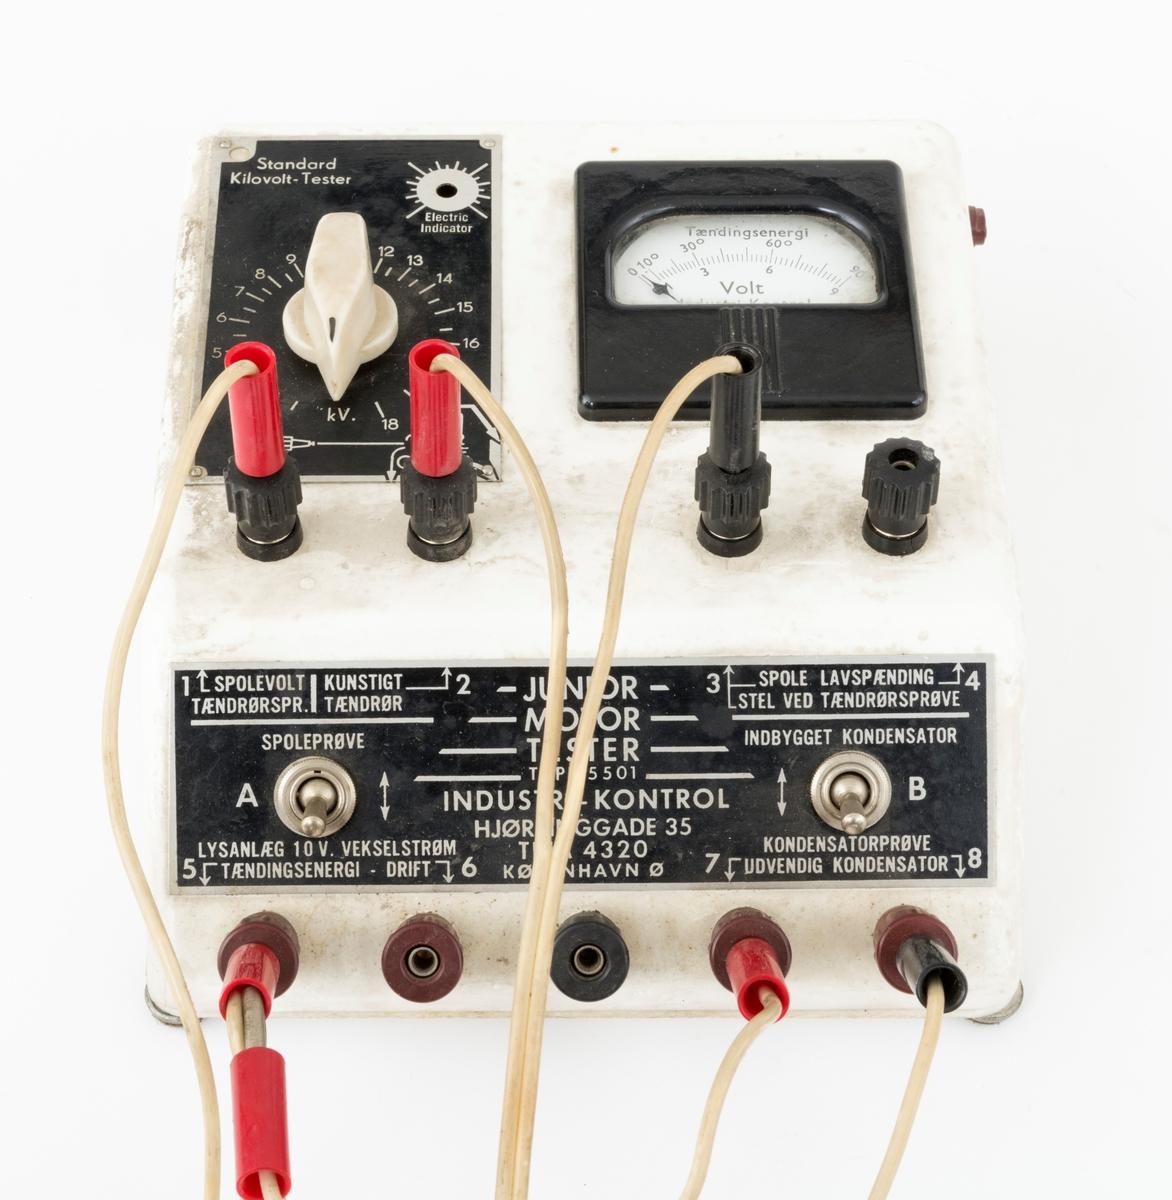 Apparat for testing av tenningssystemet på motorsager. Tenningstesteren er brukt på skogskolen på Sønsterud i forbindelse med raparasjon og vedlikehold av skolens motorsager. Det er sannsynlig at tenningstesteren er brukt i undervisningen av skolens elever for at de skulle få et innblikk  motorsagmotorens ulike funksjoner og komponenter. (Det foreligger ikke informasjon om hvordan apparatet ble brukt.) Apparatet har en rektangulær form med et skrånende instrumentpanel i front. På baksiden er det montert et bærehåndtak. Det sitter 6 ledninger innplugget i tenningstesteren, 5 av ledningene har klyper.